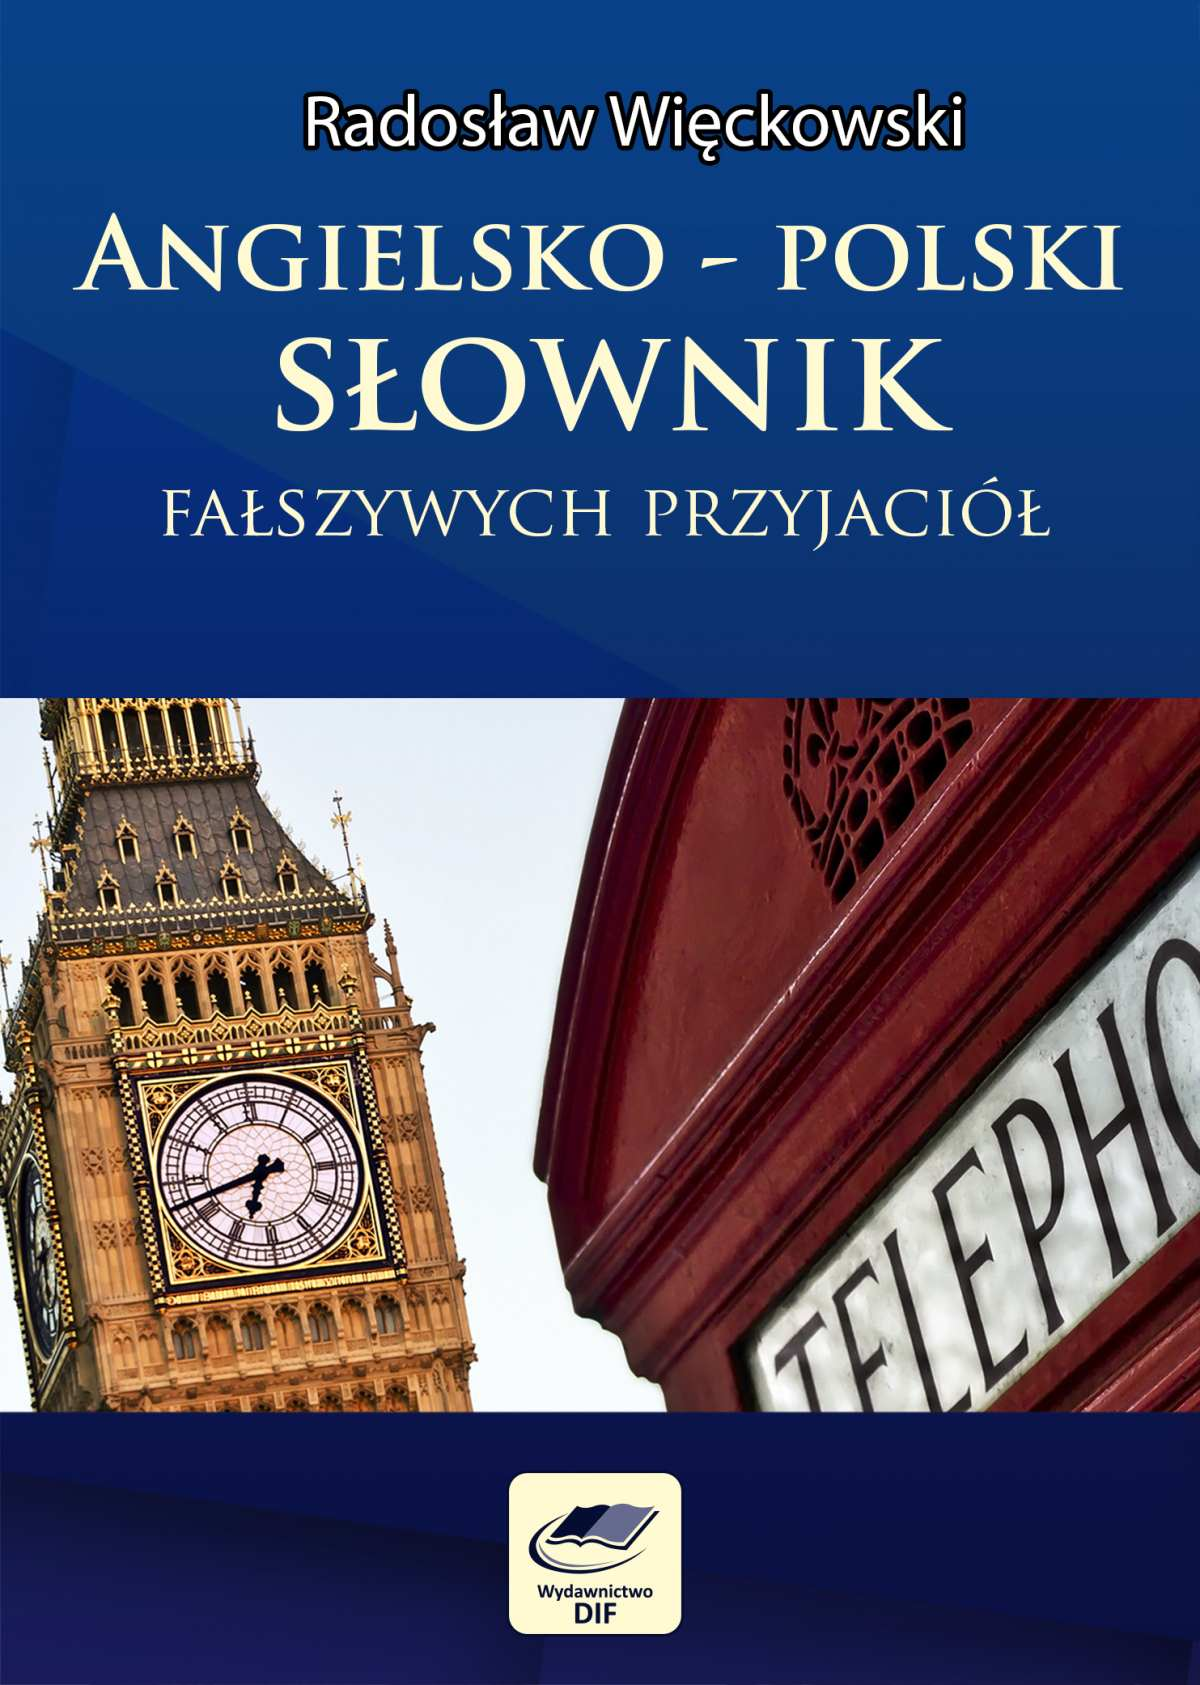 Angielsko-polski słownik fałszywych przyjaciół - Ebook (Książka PDF) do pobrania w formacie PDF